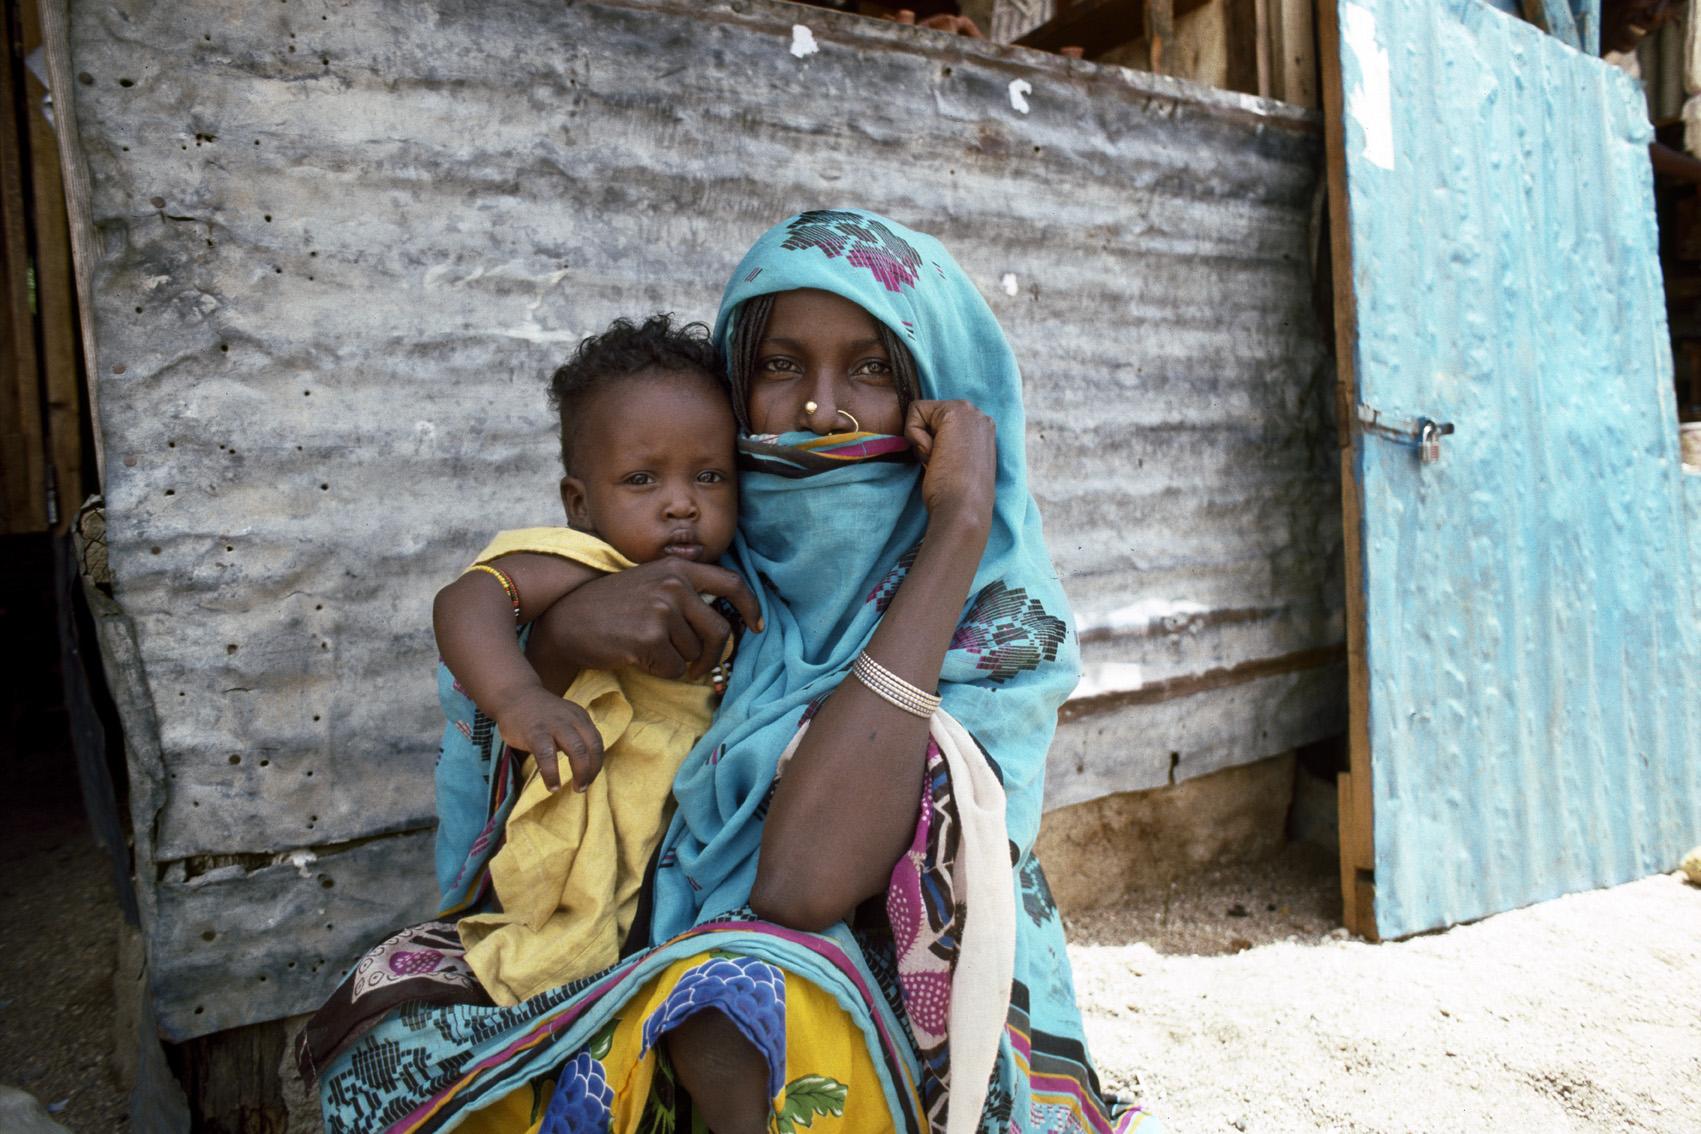 Market - Djibouti 1998